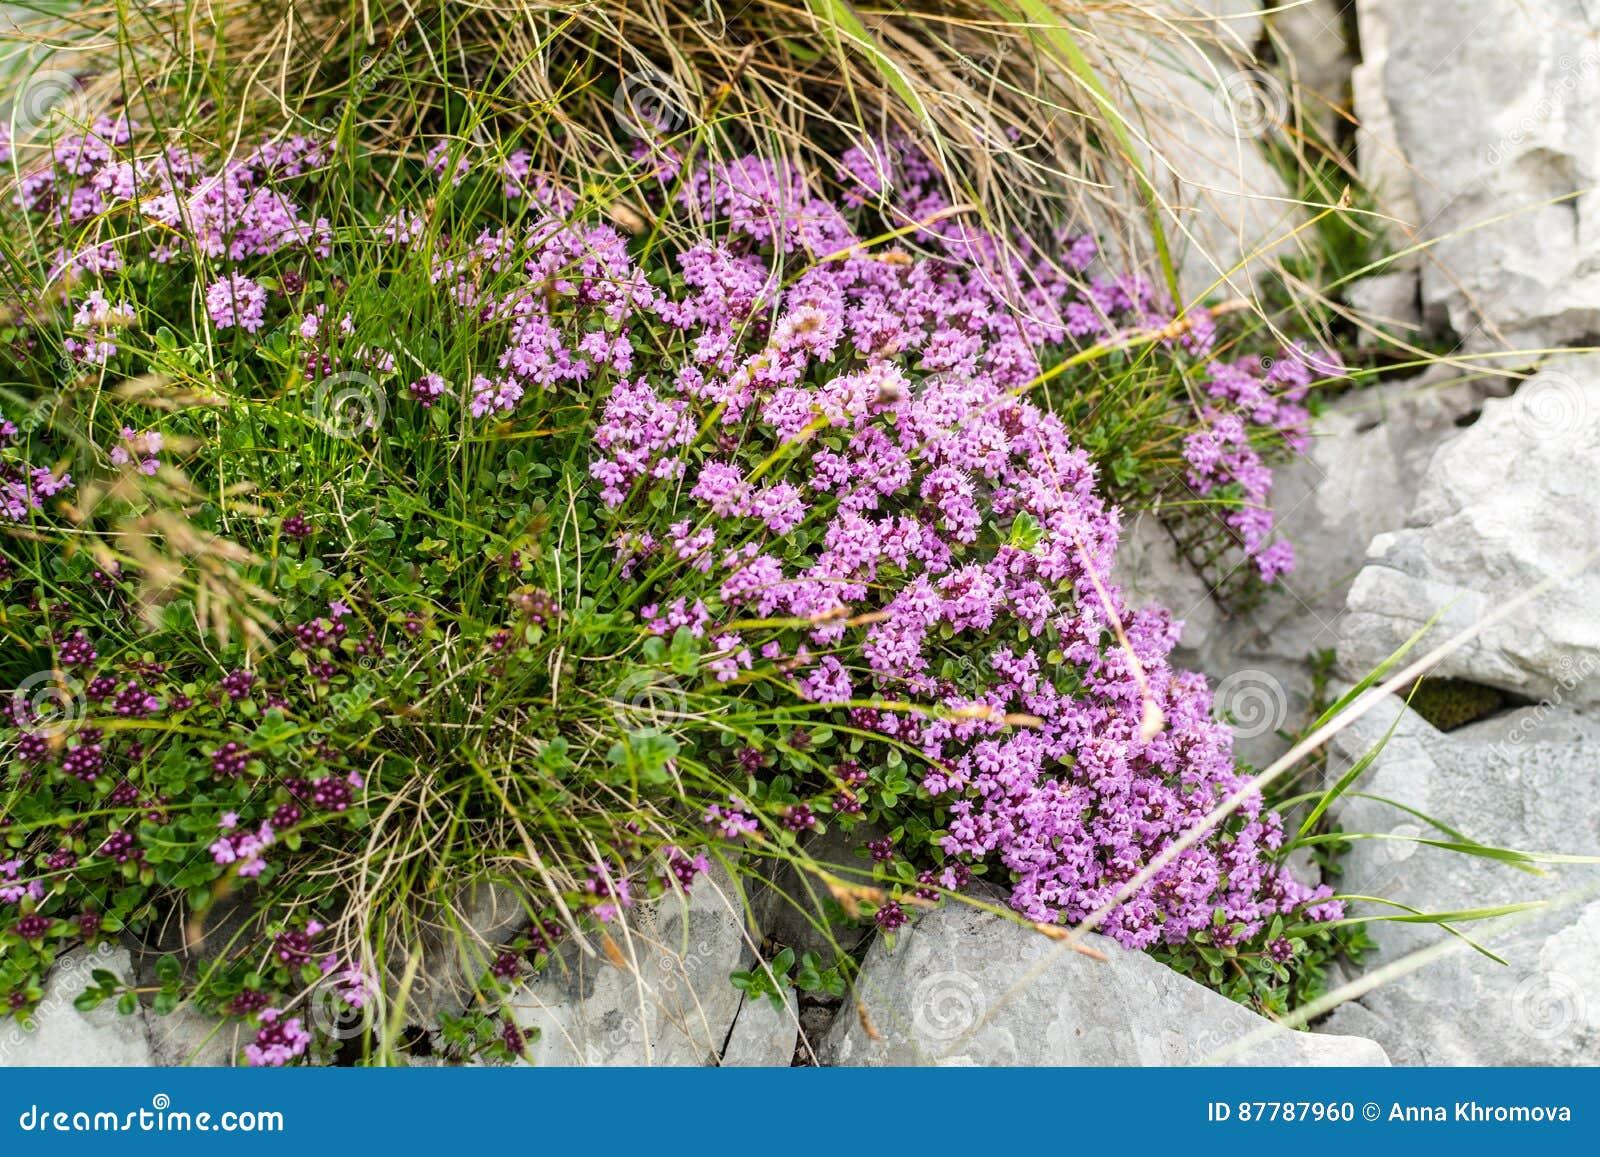 Άποψη Closeap σε έναν θάμνο του λουλουδιού θυμαριού στη δύσκολη αλπική φωτογραφική διαφάνεια